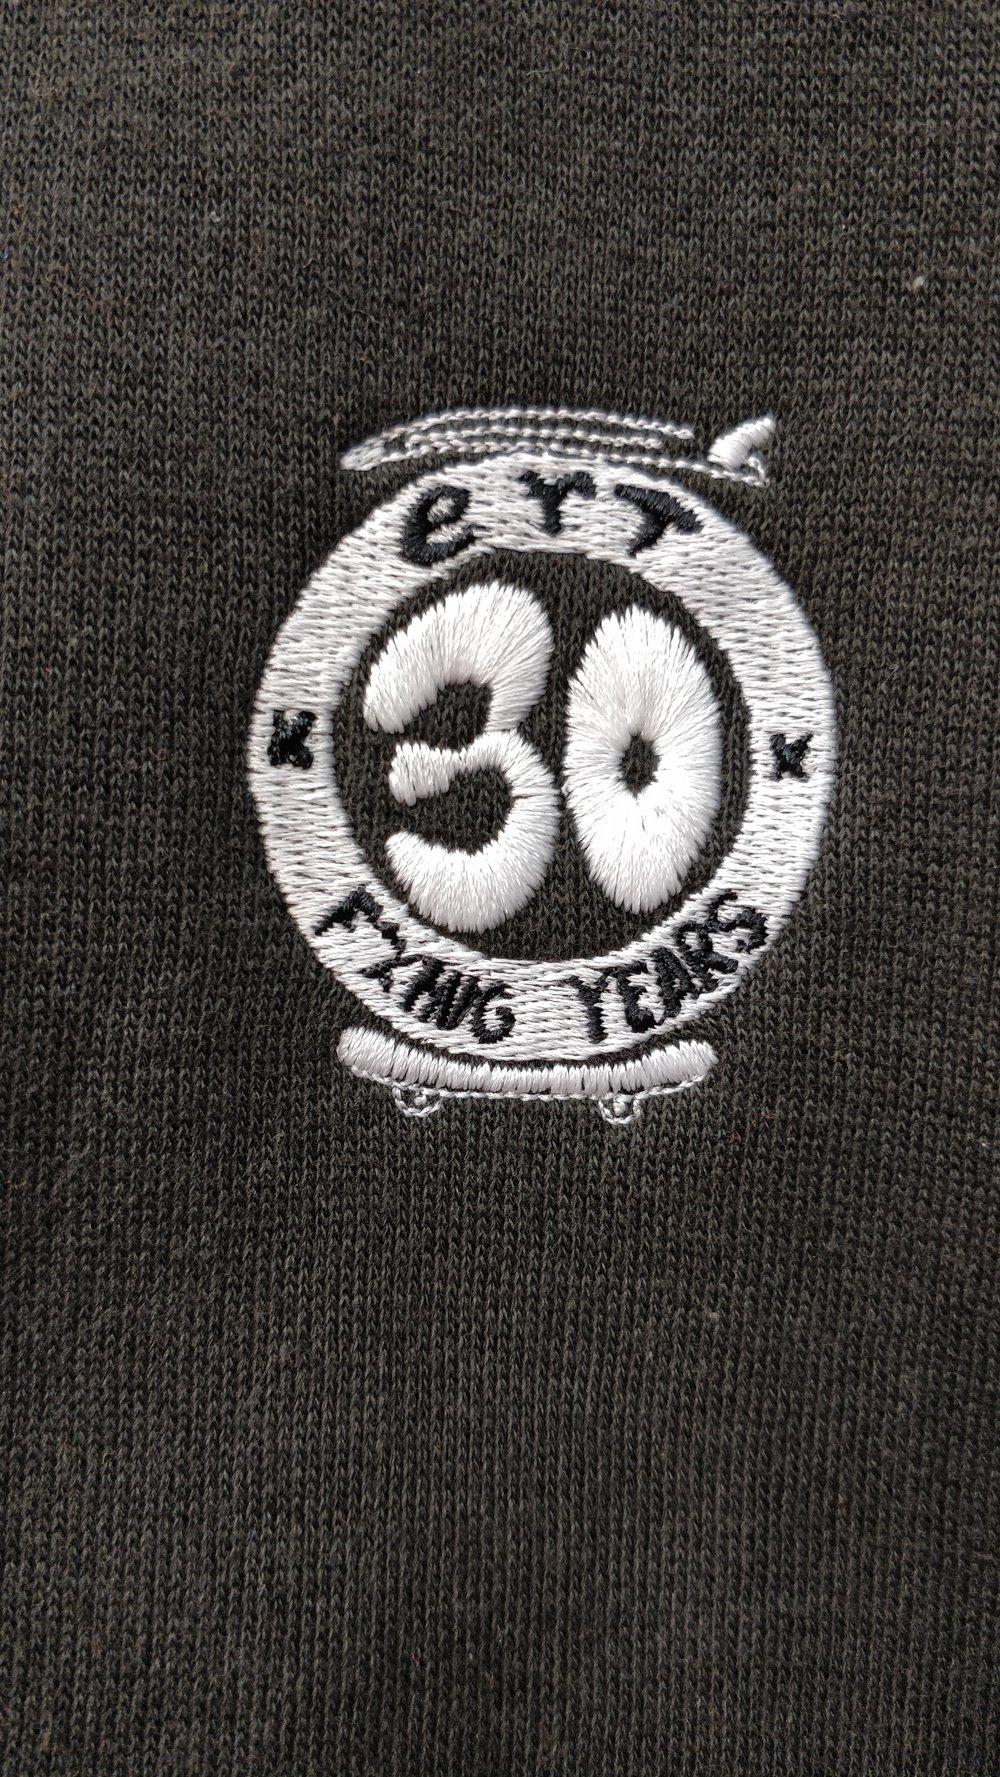 SUDADERA ERT 30 YEARS X JAVI CORELLANO